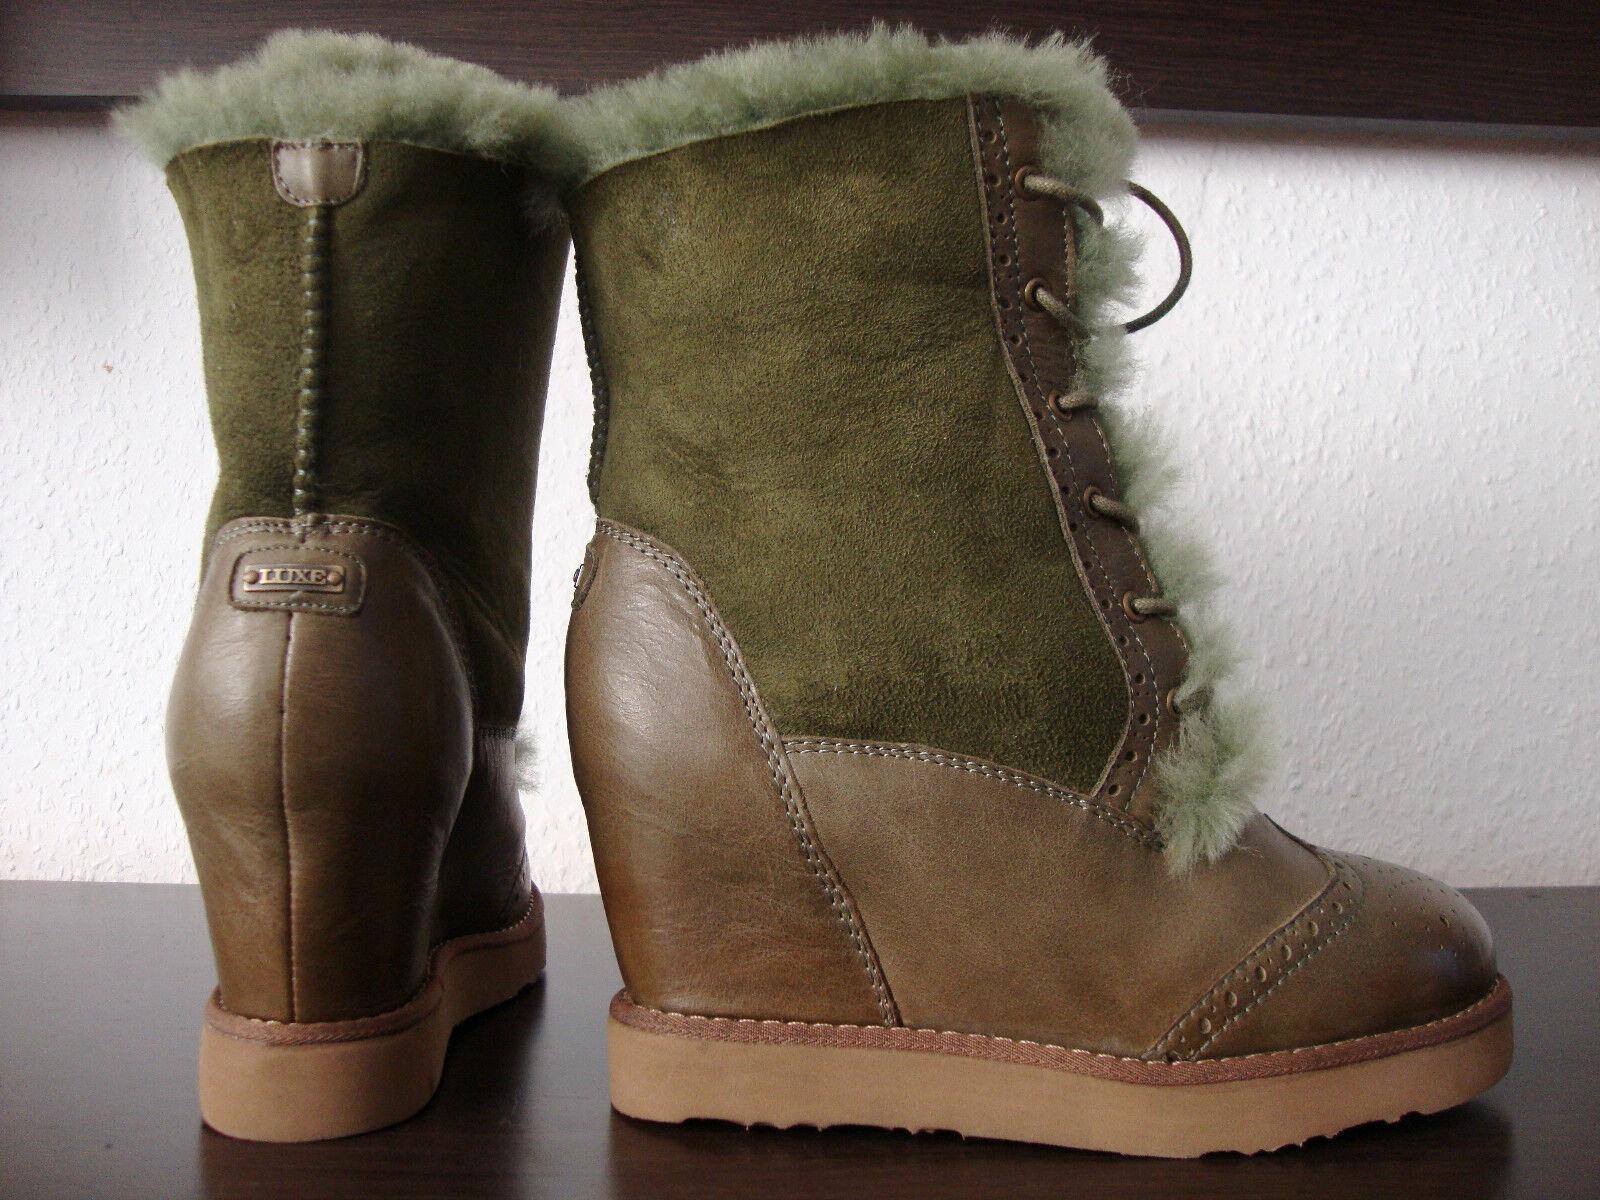 Australia Luxe brogue wedge botas de plataforma señora botas zapatos de piel nuevo